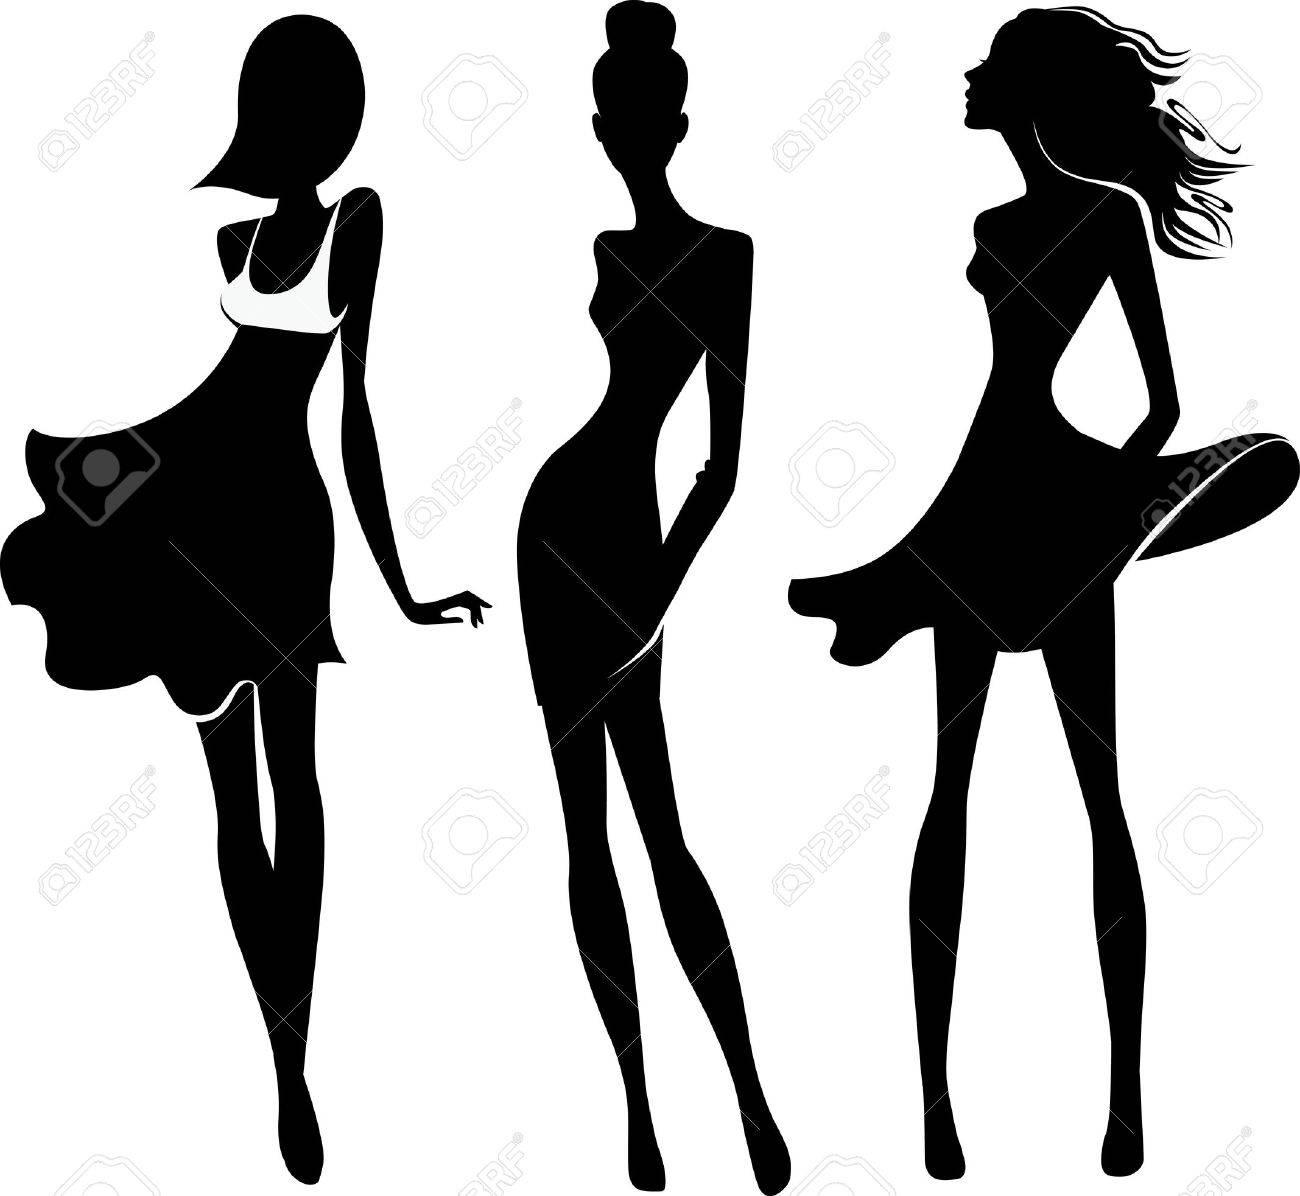 Banque dimages , la silhouette des filles de la mode